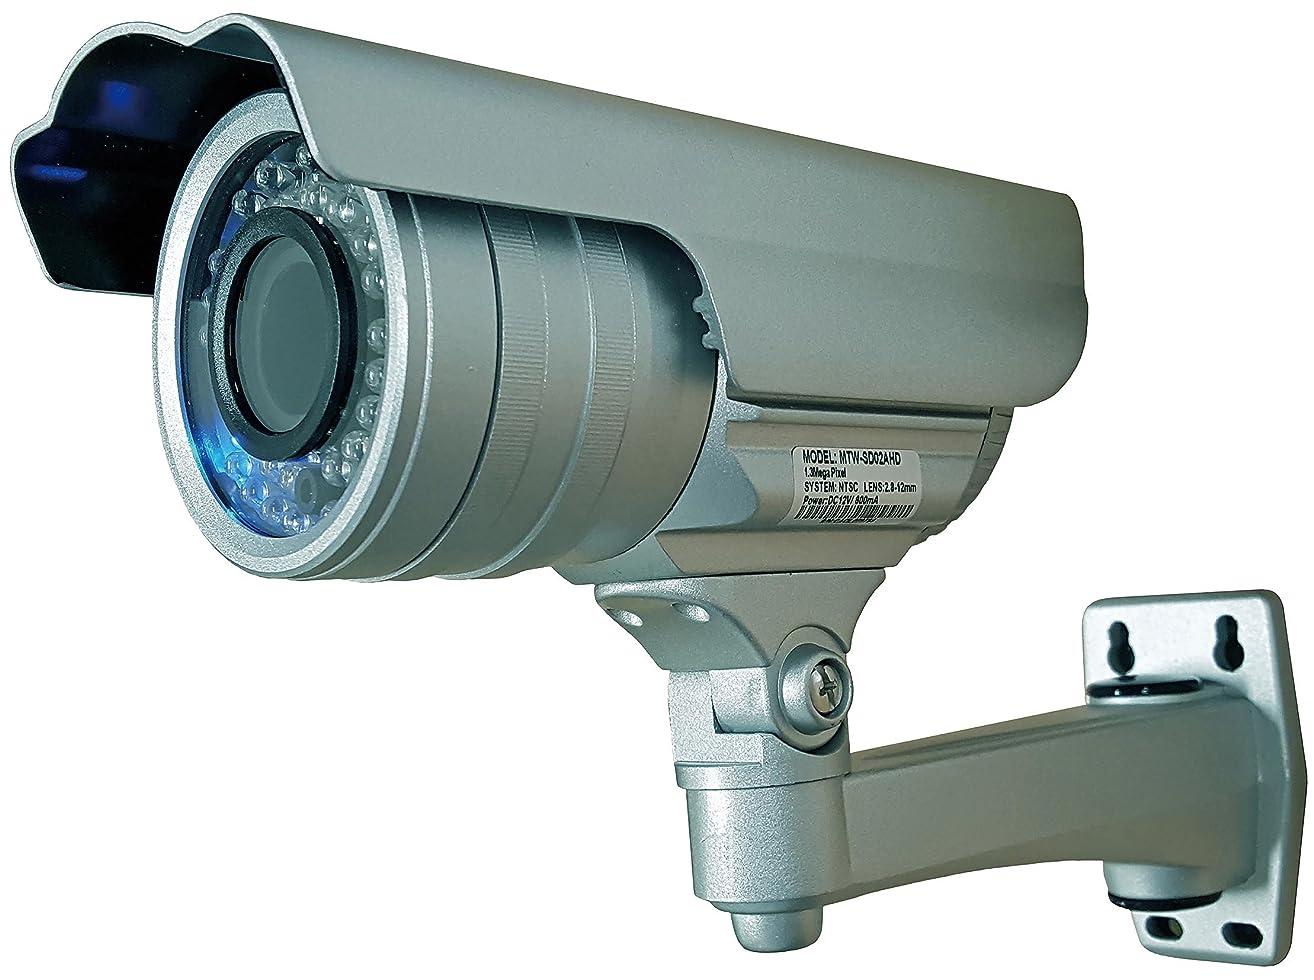 レンド心のこもったマザーツール HD画質録画対応SDカードレコーダー搭載130万画素高画質防水型Day&Night AHDカメラ MTW-SD02AHD